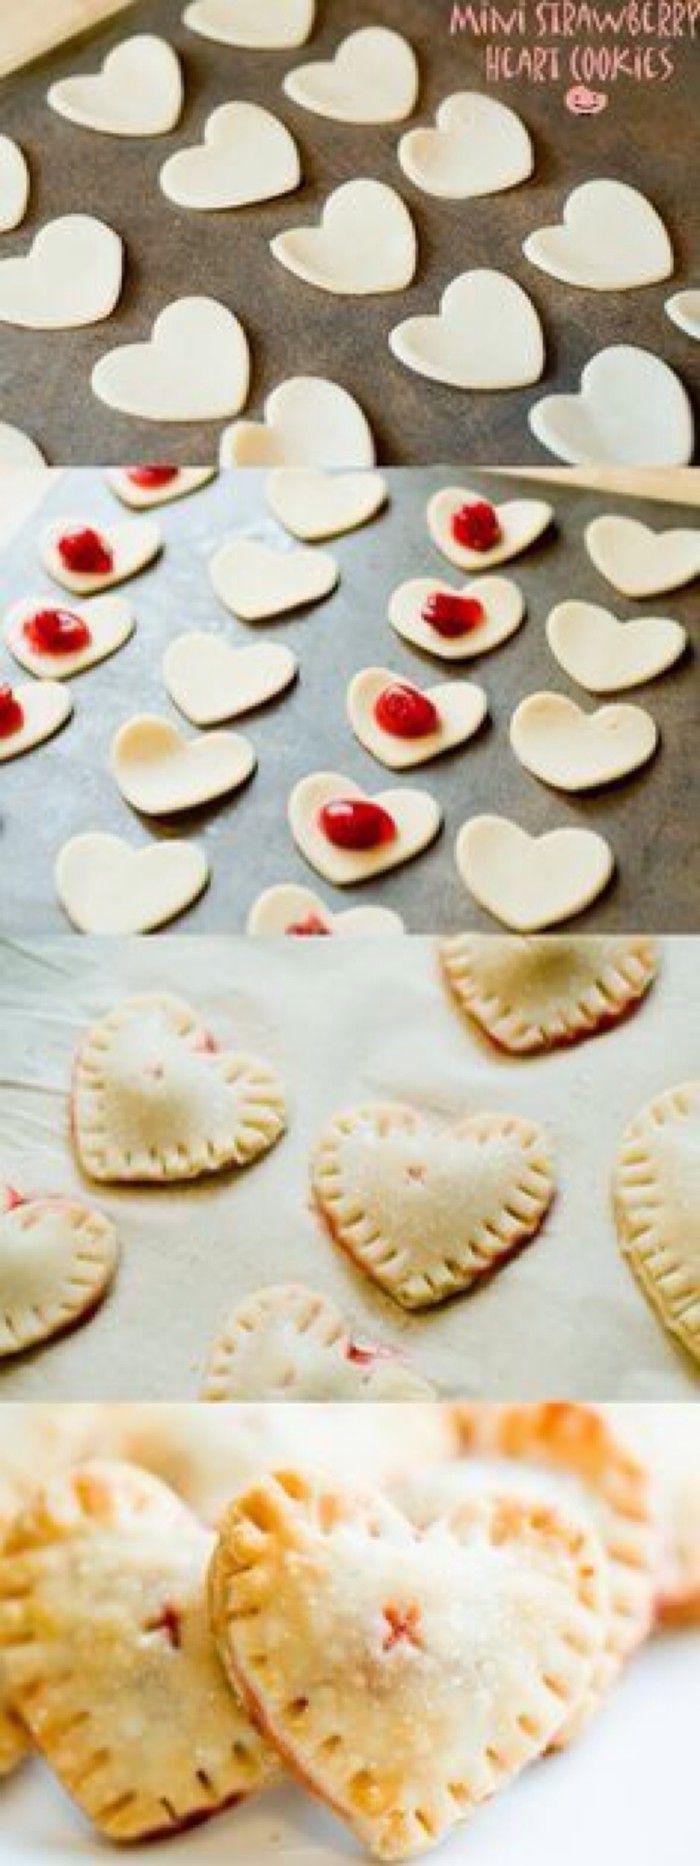 Corazón de la cereza de la galleta puede entrar en otras frutas e incluso los mini bollos de queso mozzarella oh transfiguración